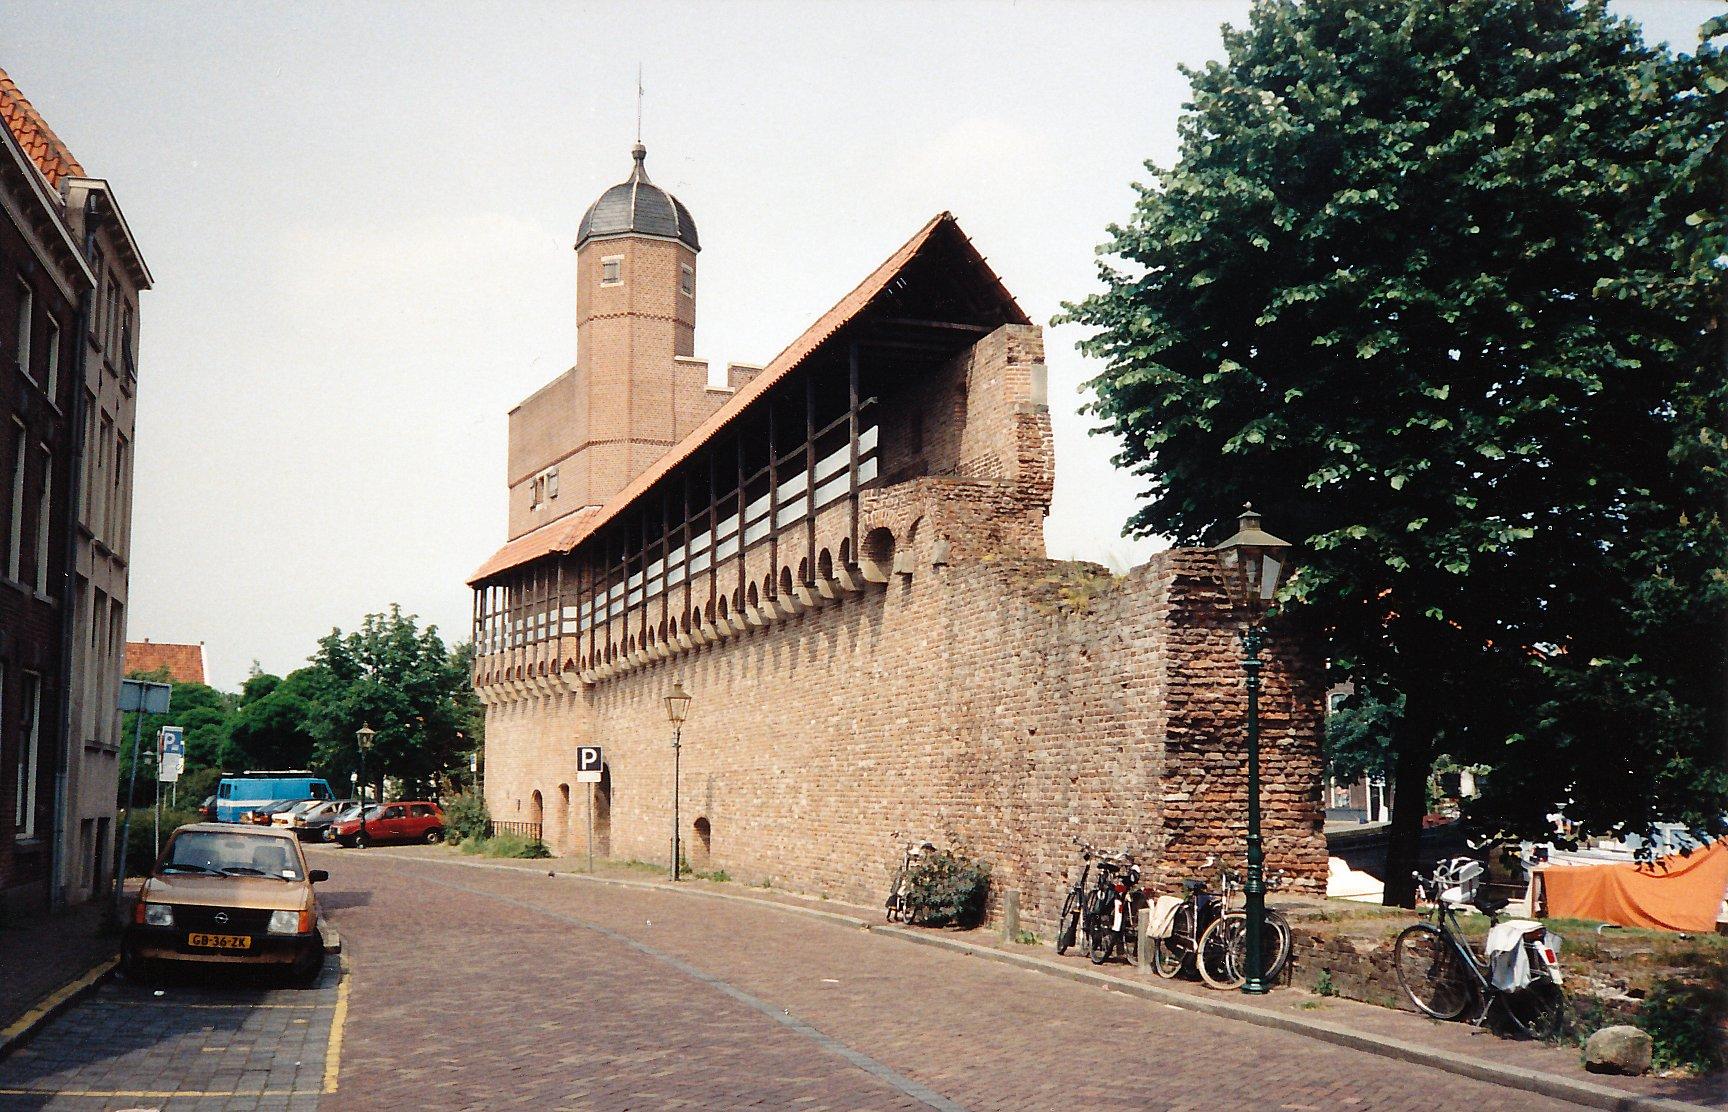 Zwolle stadsmuur 3